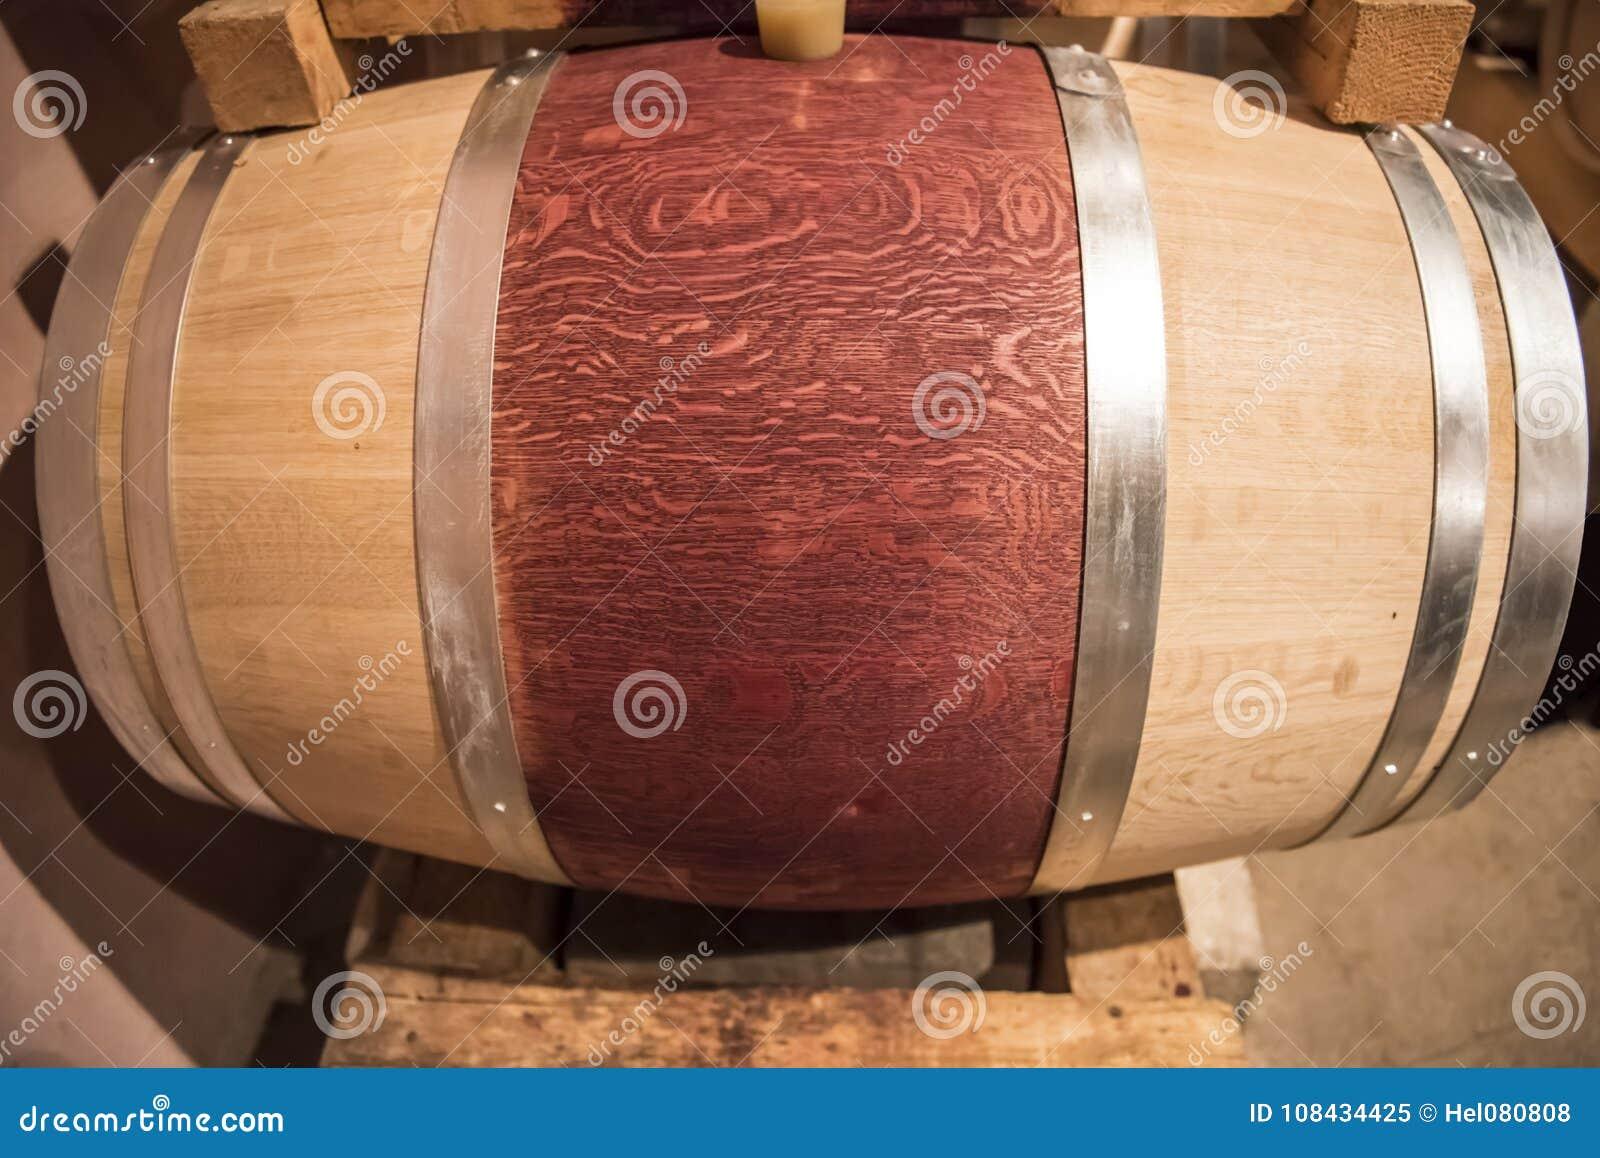 Nouveau baril de vin rouge dans la cave